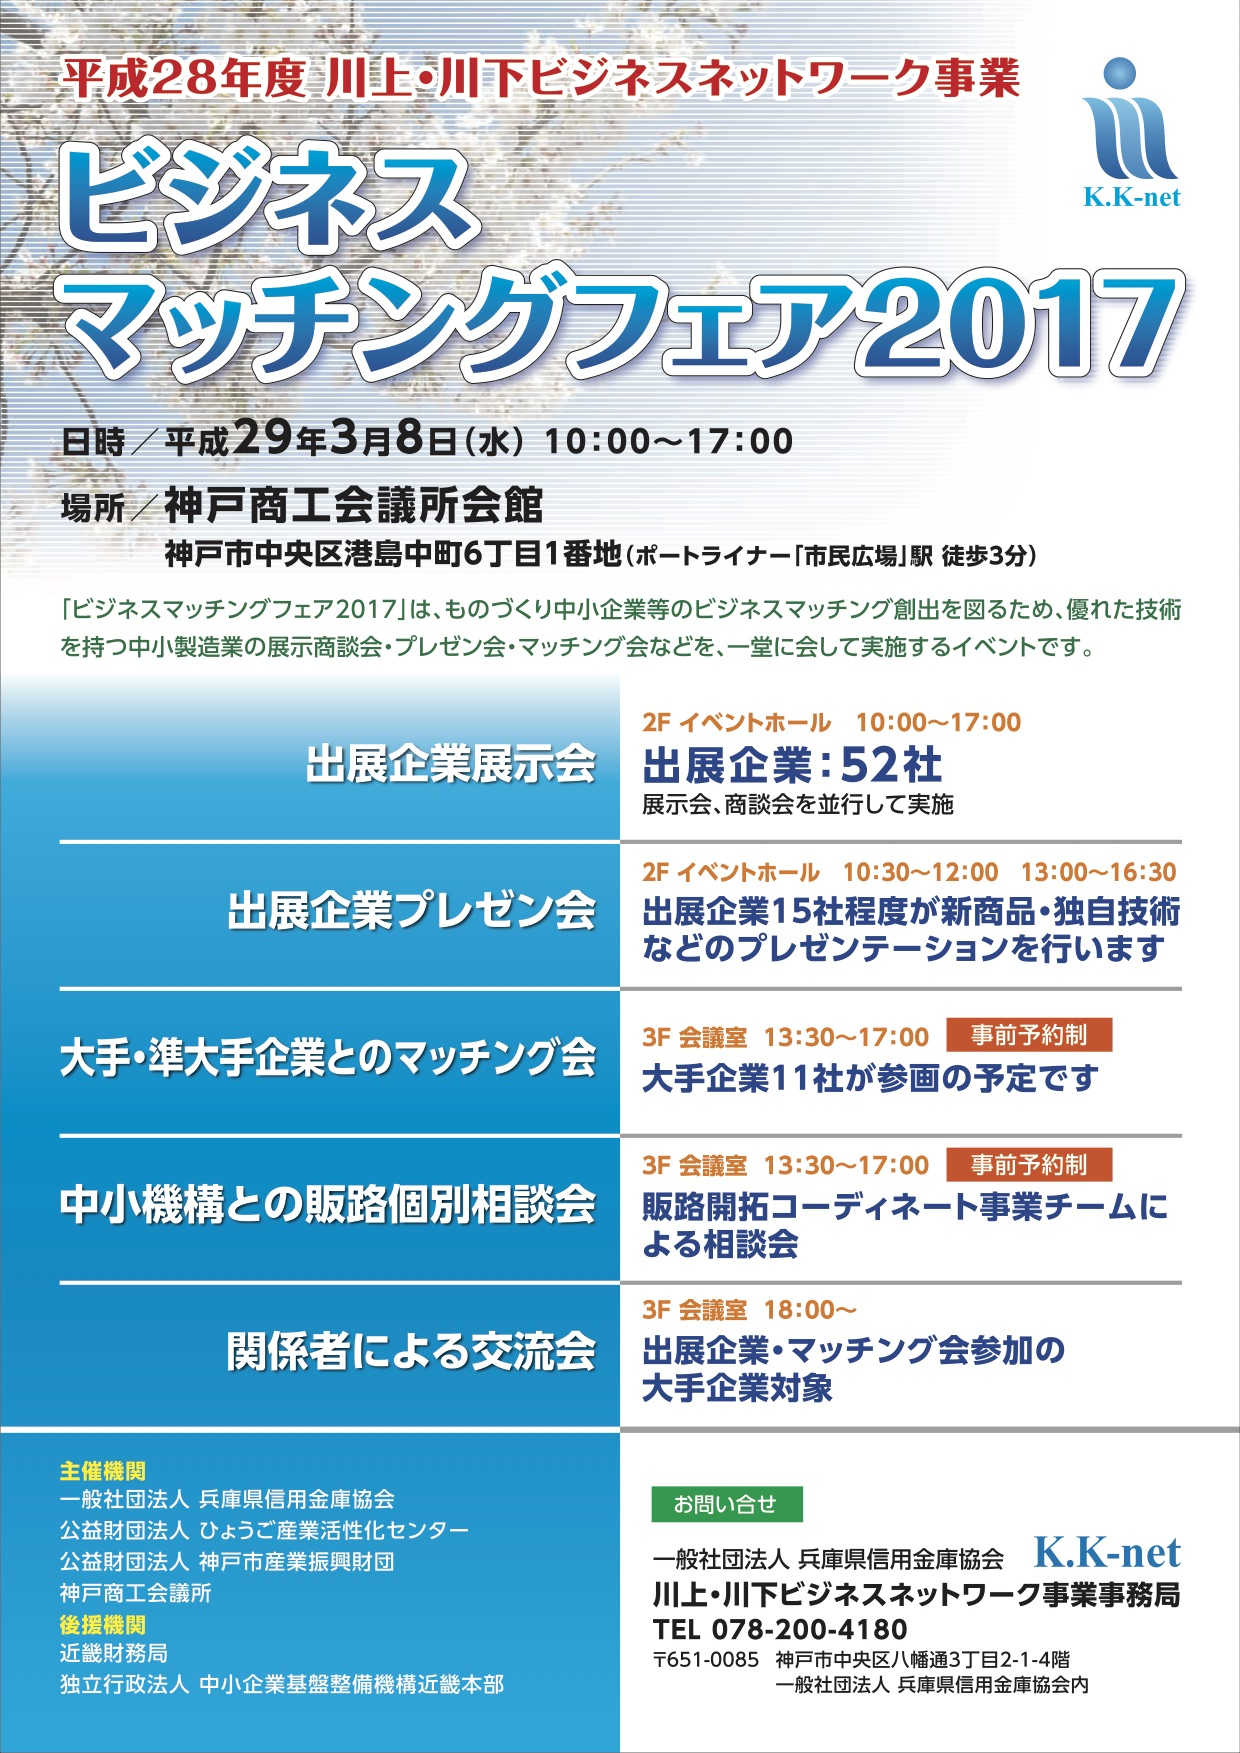 ビジネスマッチングフェア2017パンフレット_01